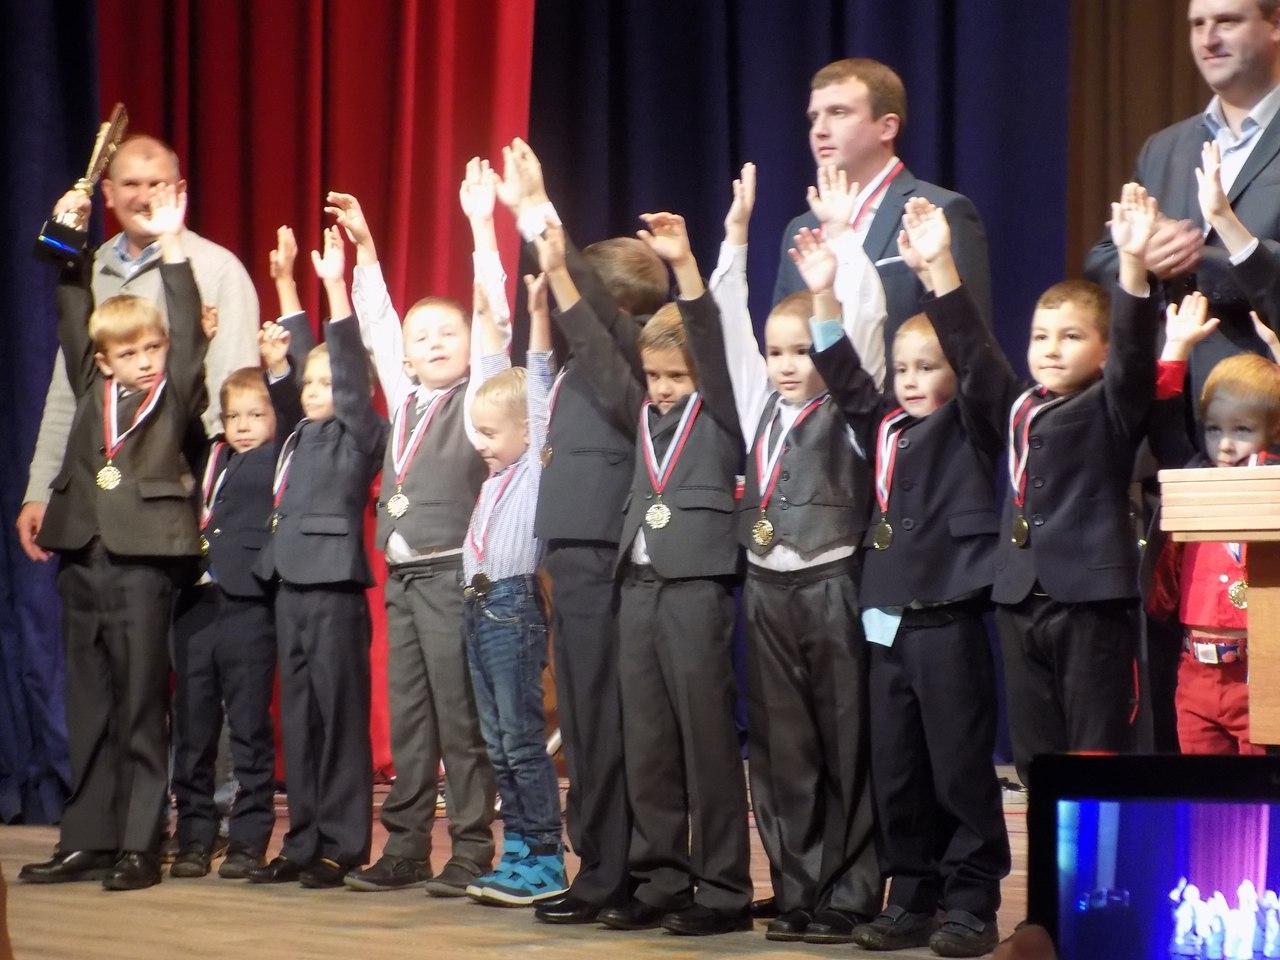 Во Дворце молодёжи состоялась церемония подведения итогов футбольного сезона среди детских команд 2007-2010 г.р.